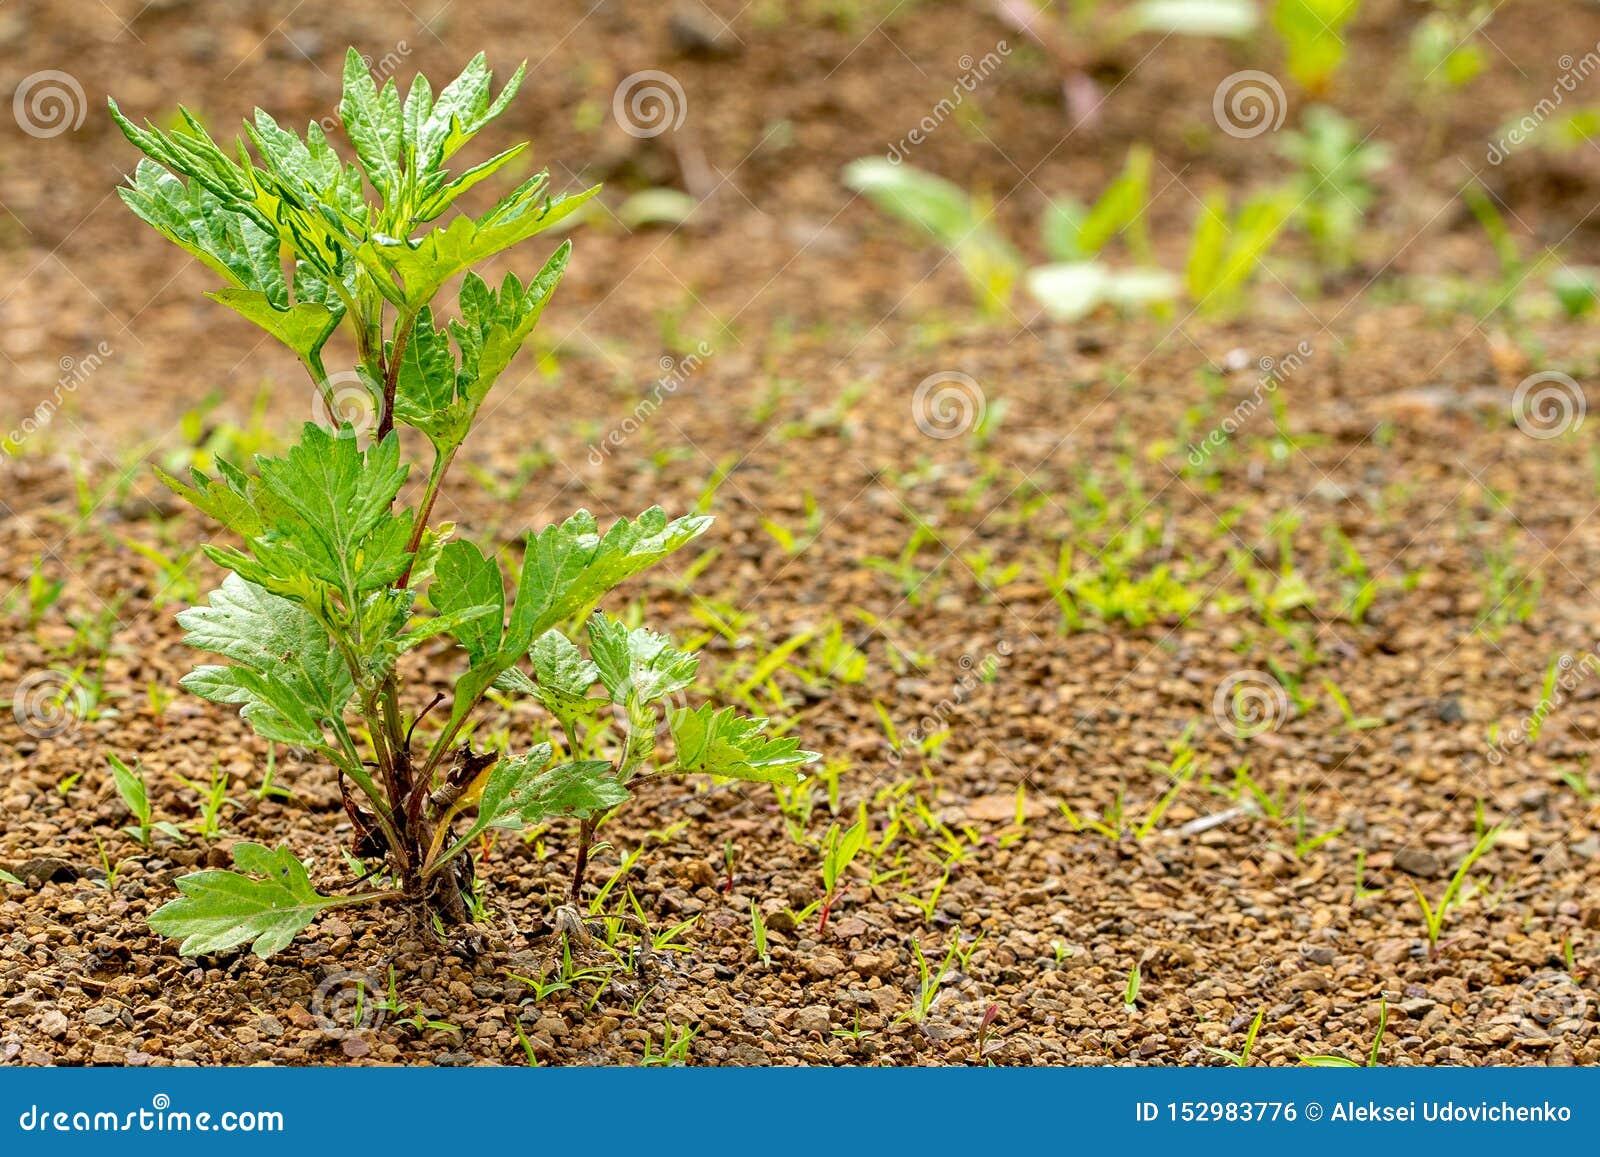 Młoda zielona roślina r przez skalistej ziemi